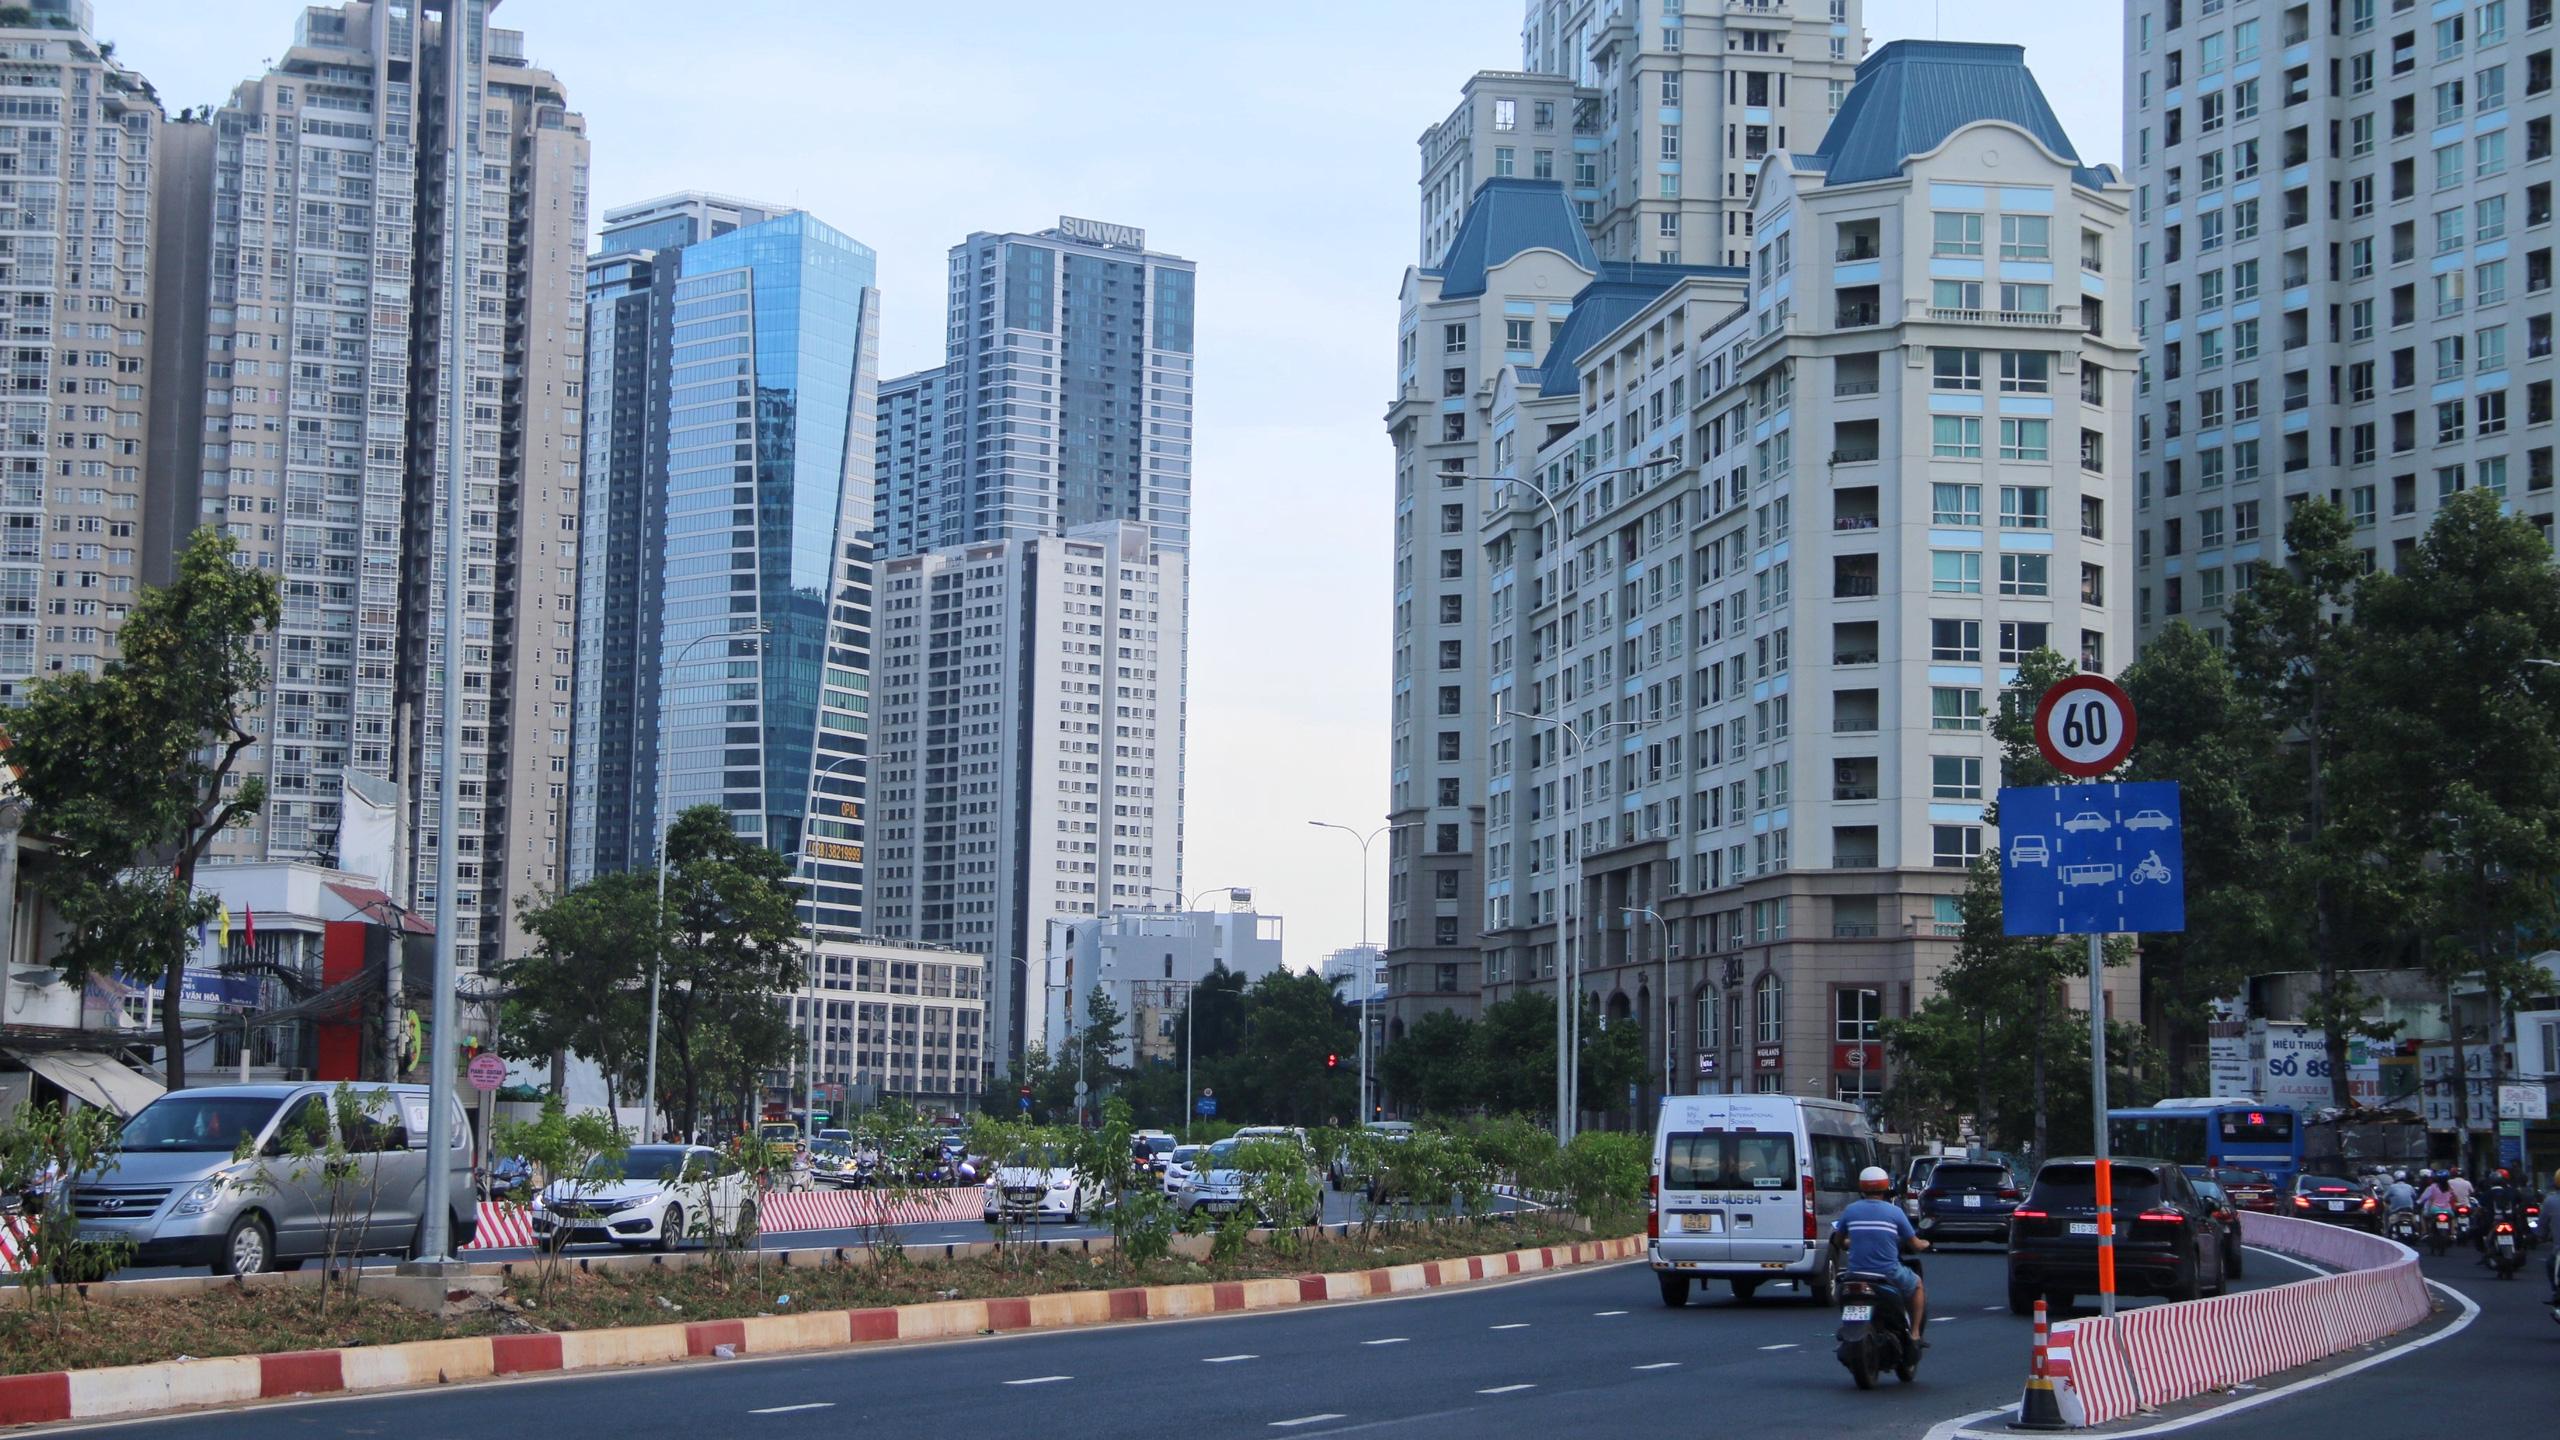 Trung tâm Sài Gòn thoáng đãng sau khi thông tuyến đường Nguyễn Hữu Cảnh và Lê Lợi - Ảnh 6.